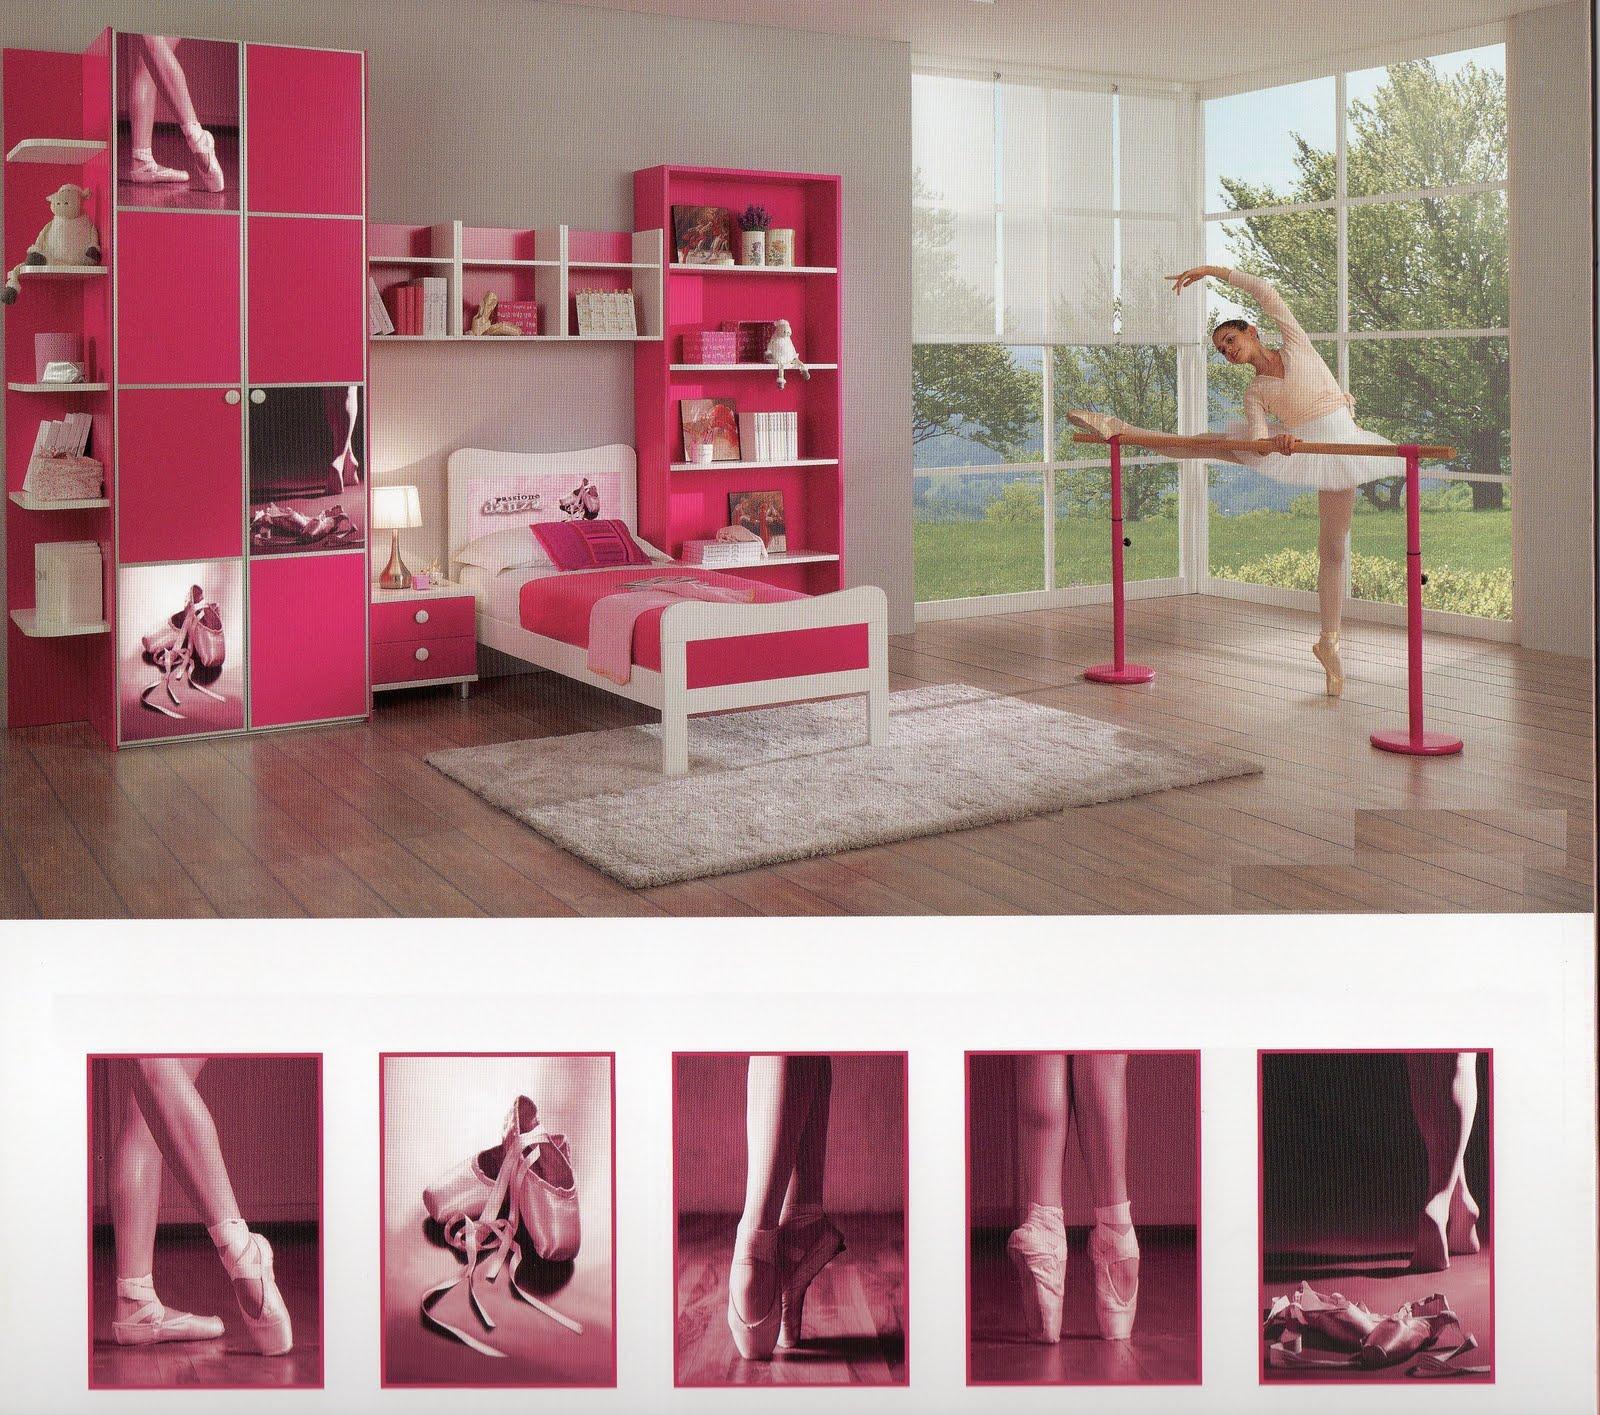 Centro Camerette Barbato: Cameretta Danza, per le piccole ballerine ...